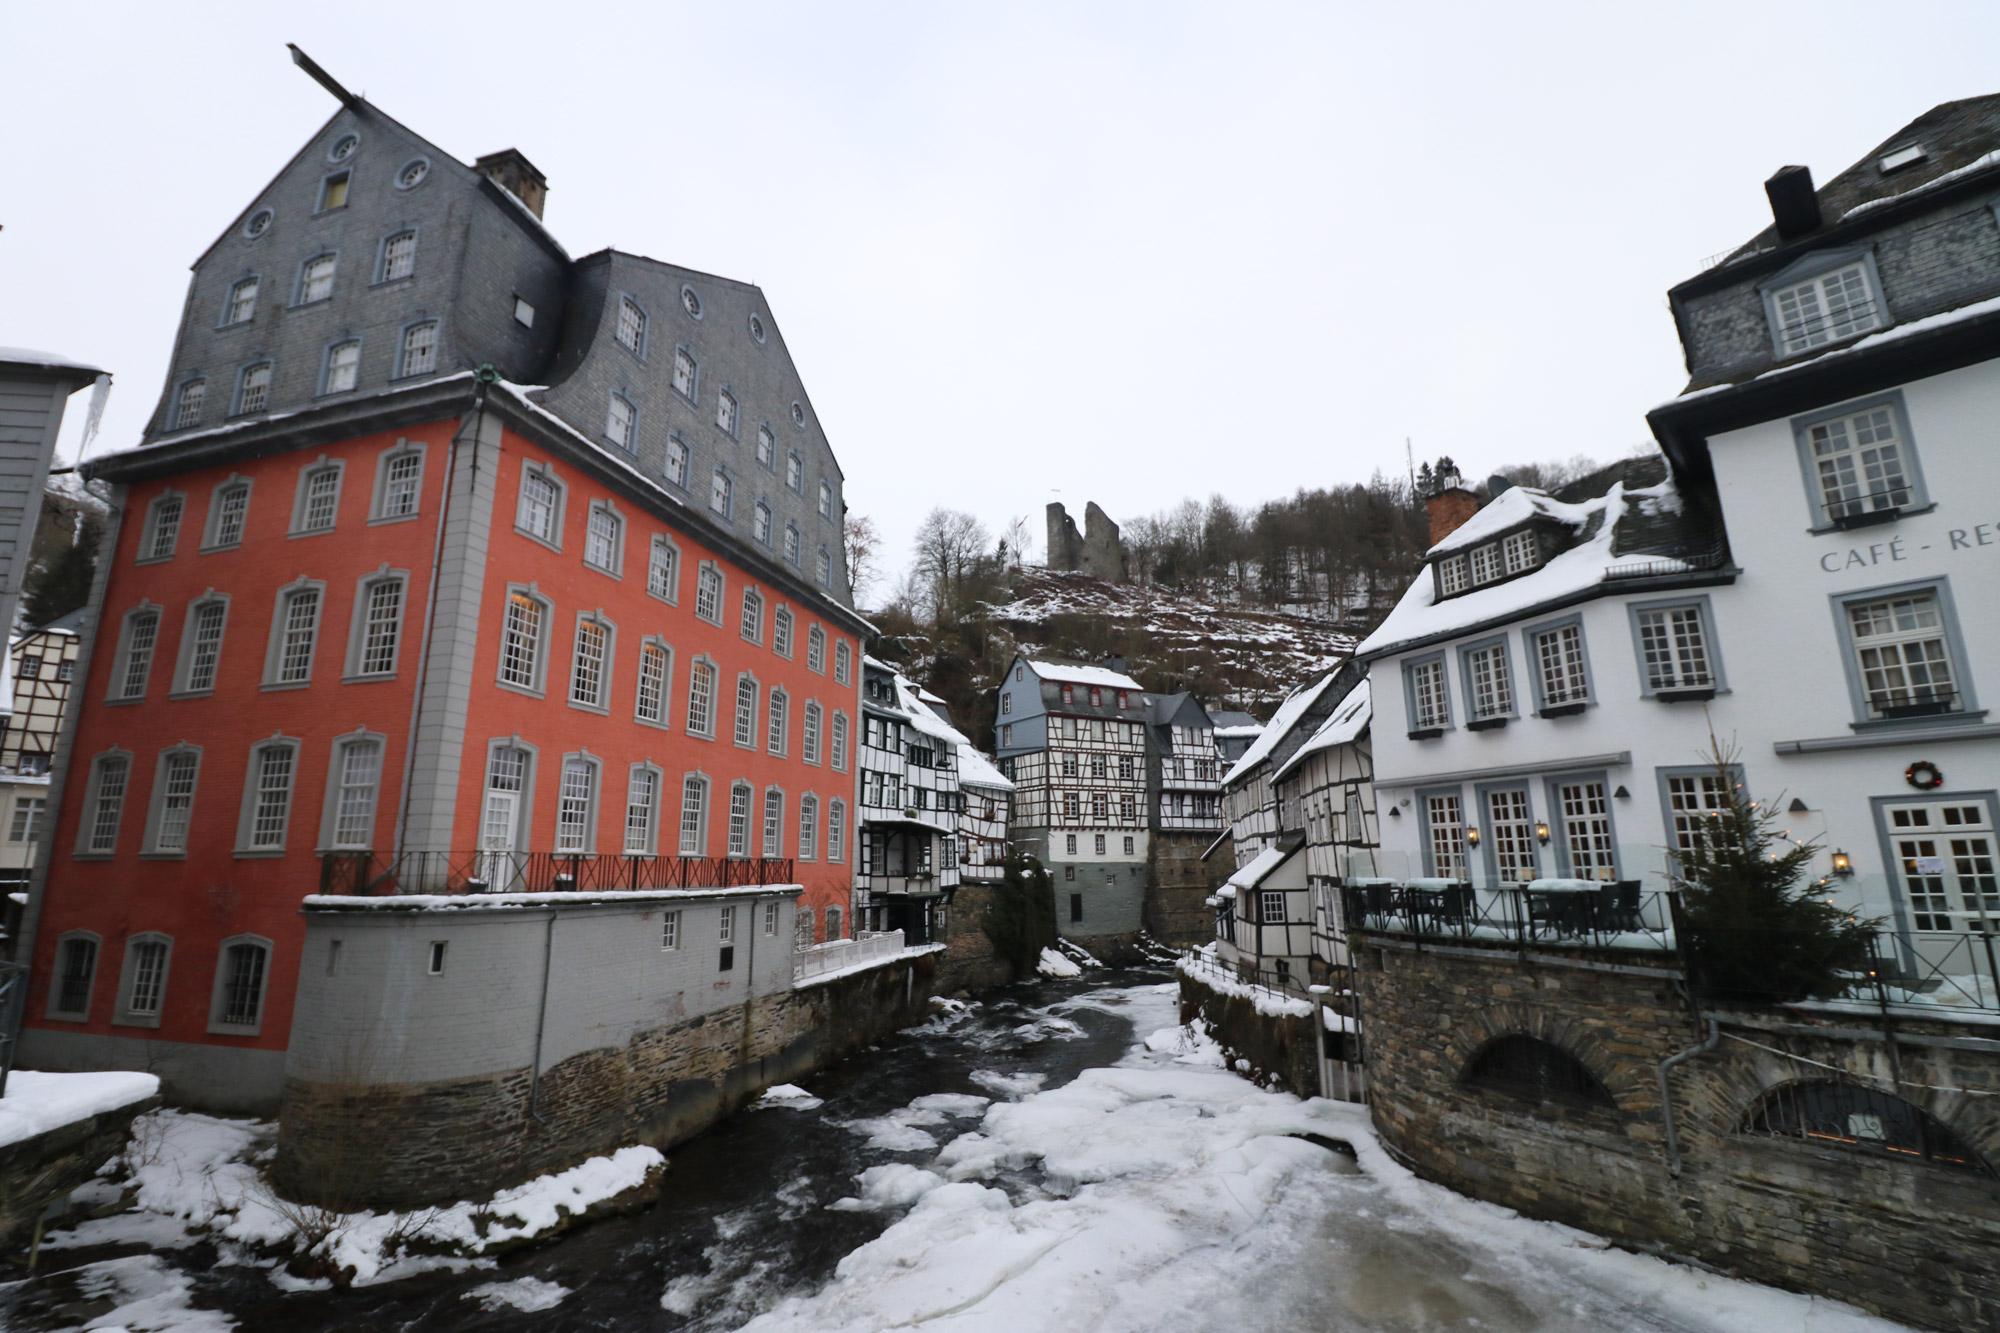 Rotes Haus in Monschau Duitsland Reizen & Reistips